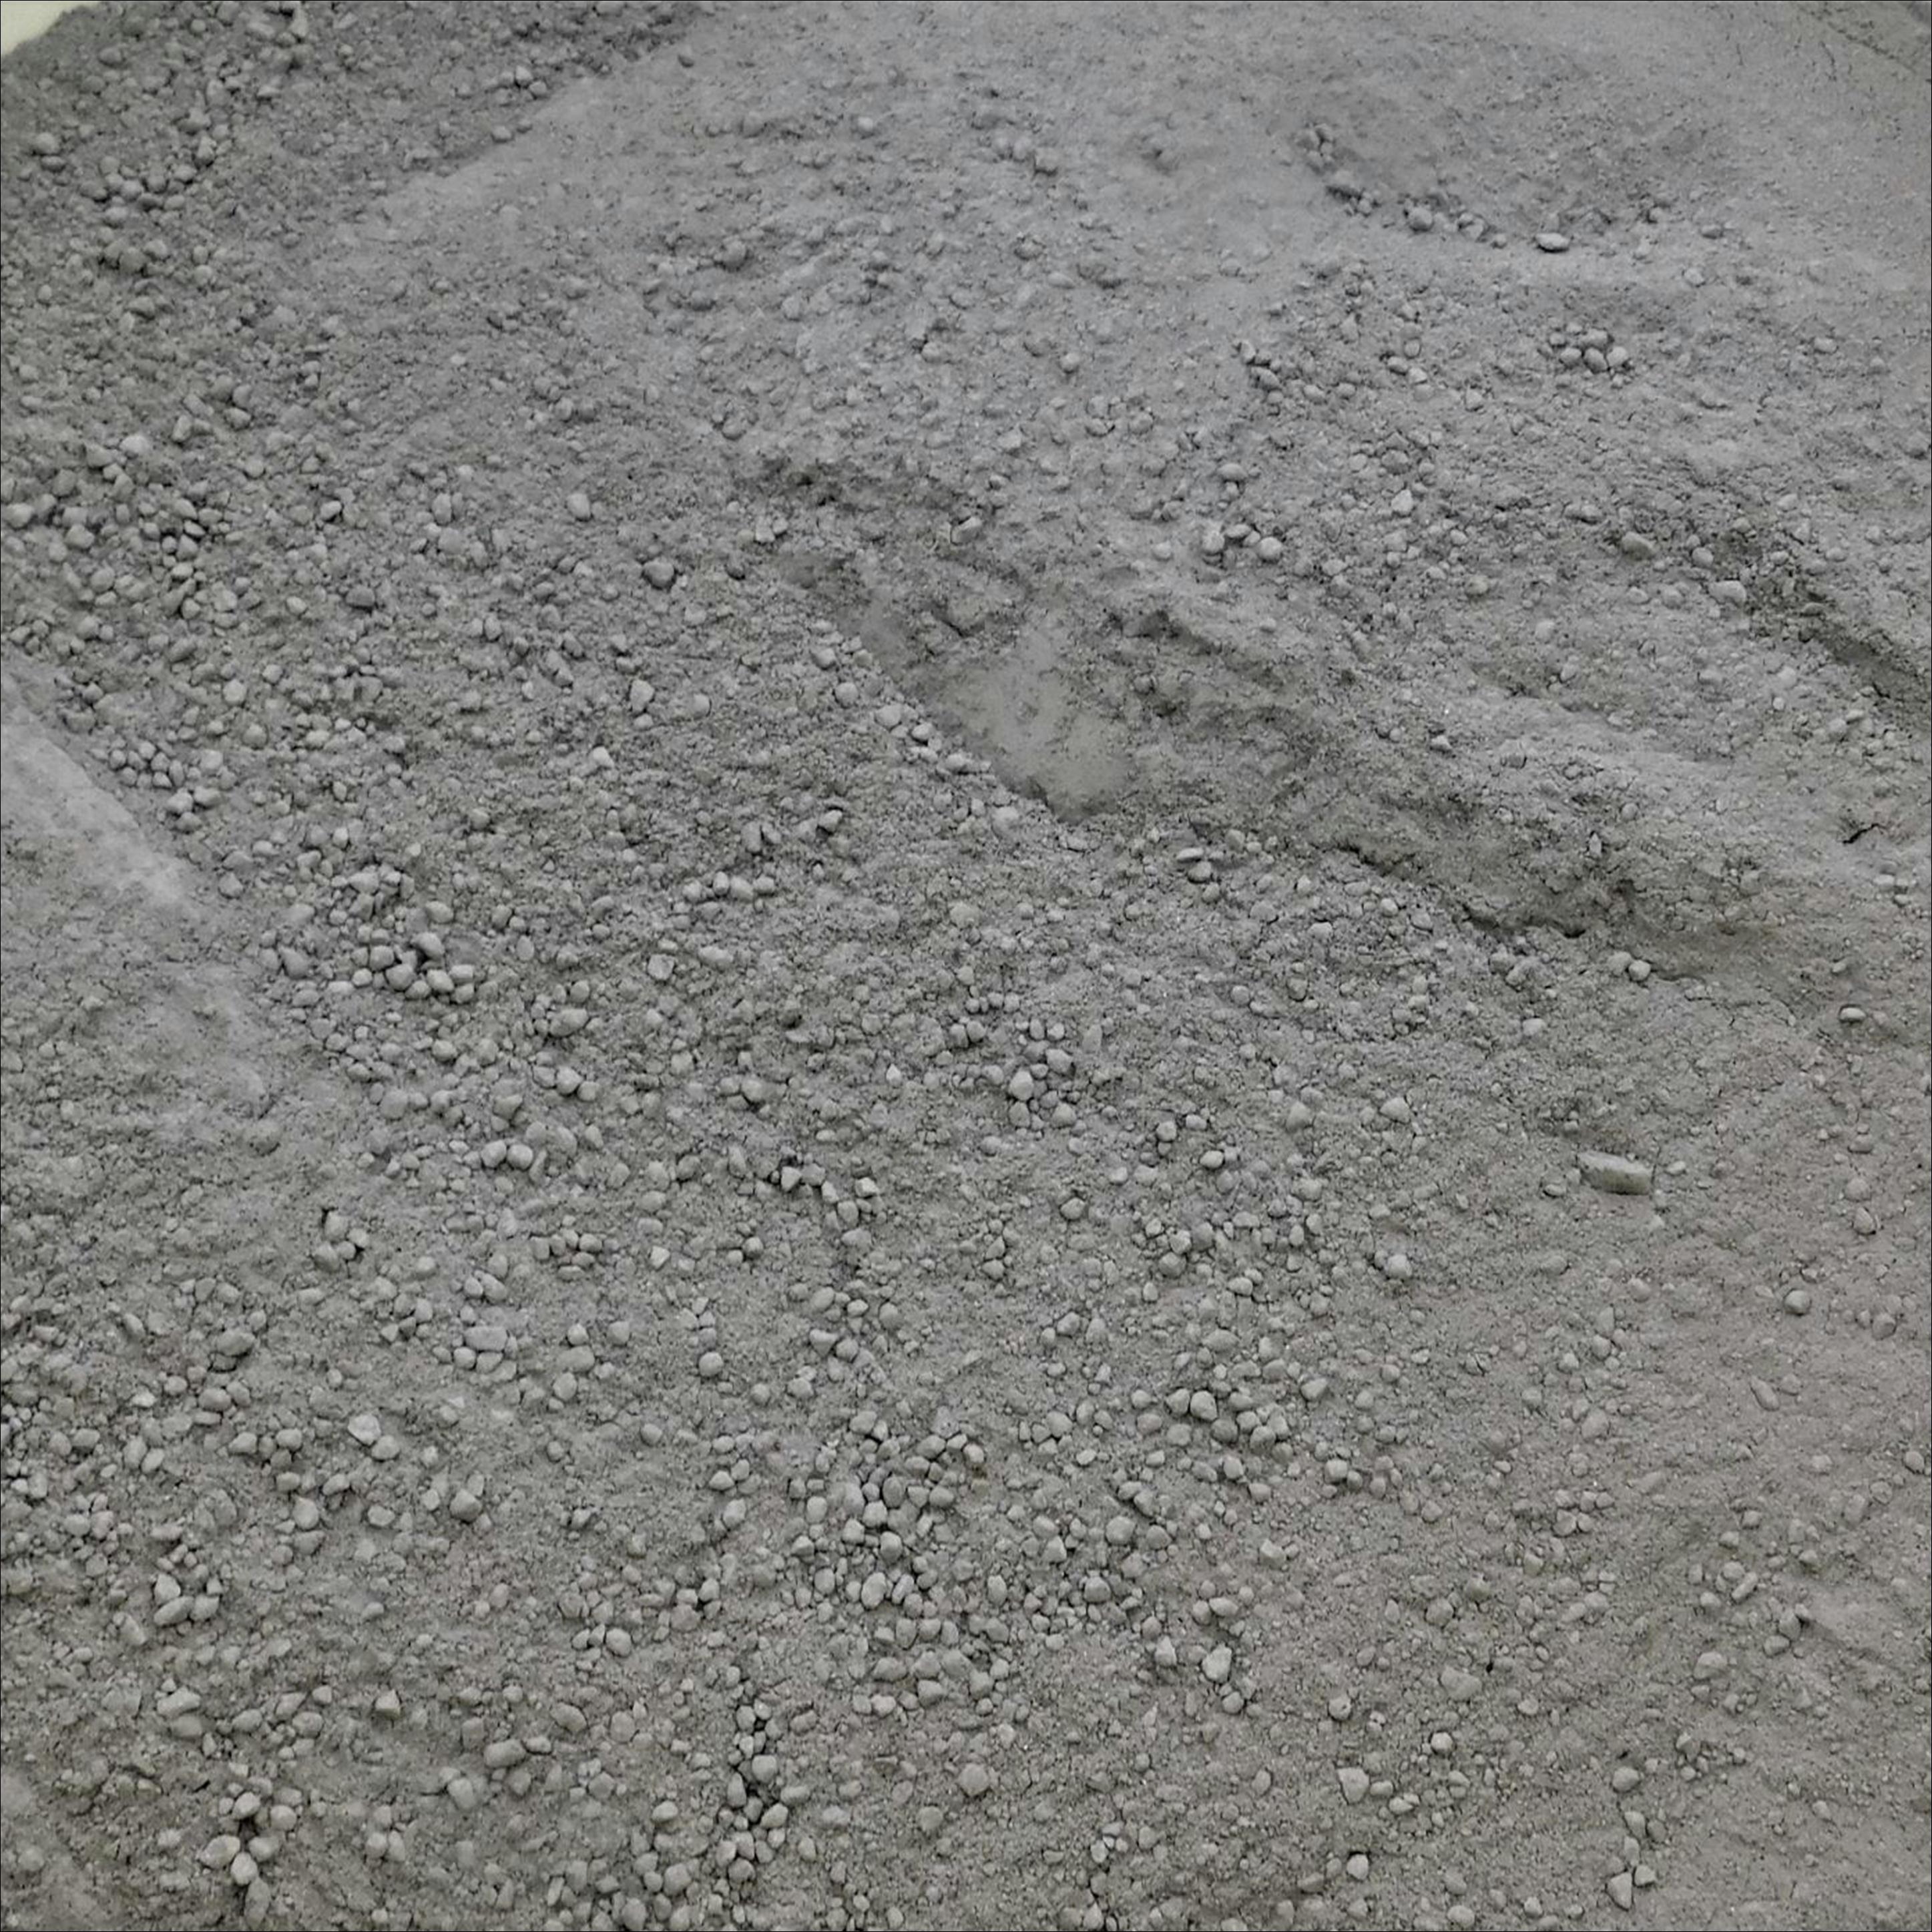 """<img src=""""https://www.hiyori-net.com/cwp/wp-content/uploads/2020/04/vol4i.jpg"""" alt=""""くぬぎを燃やし茶道で使う灰を作りました""""/>"""